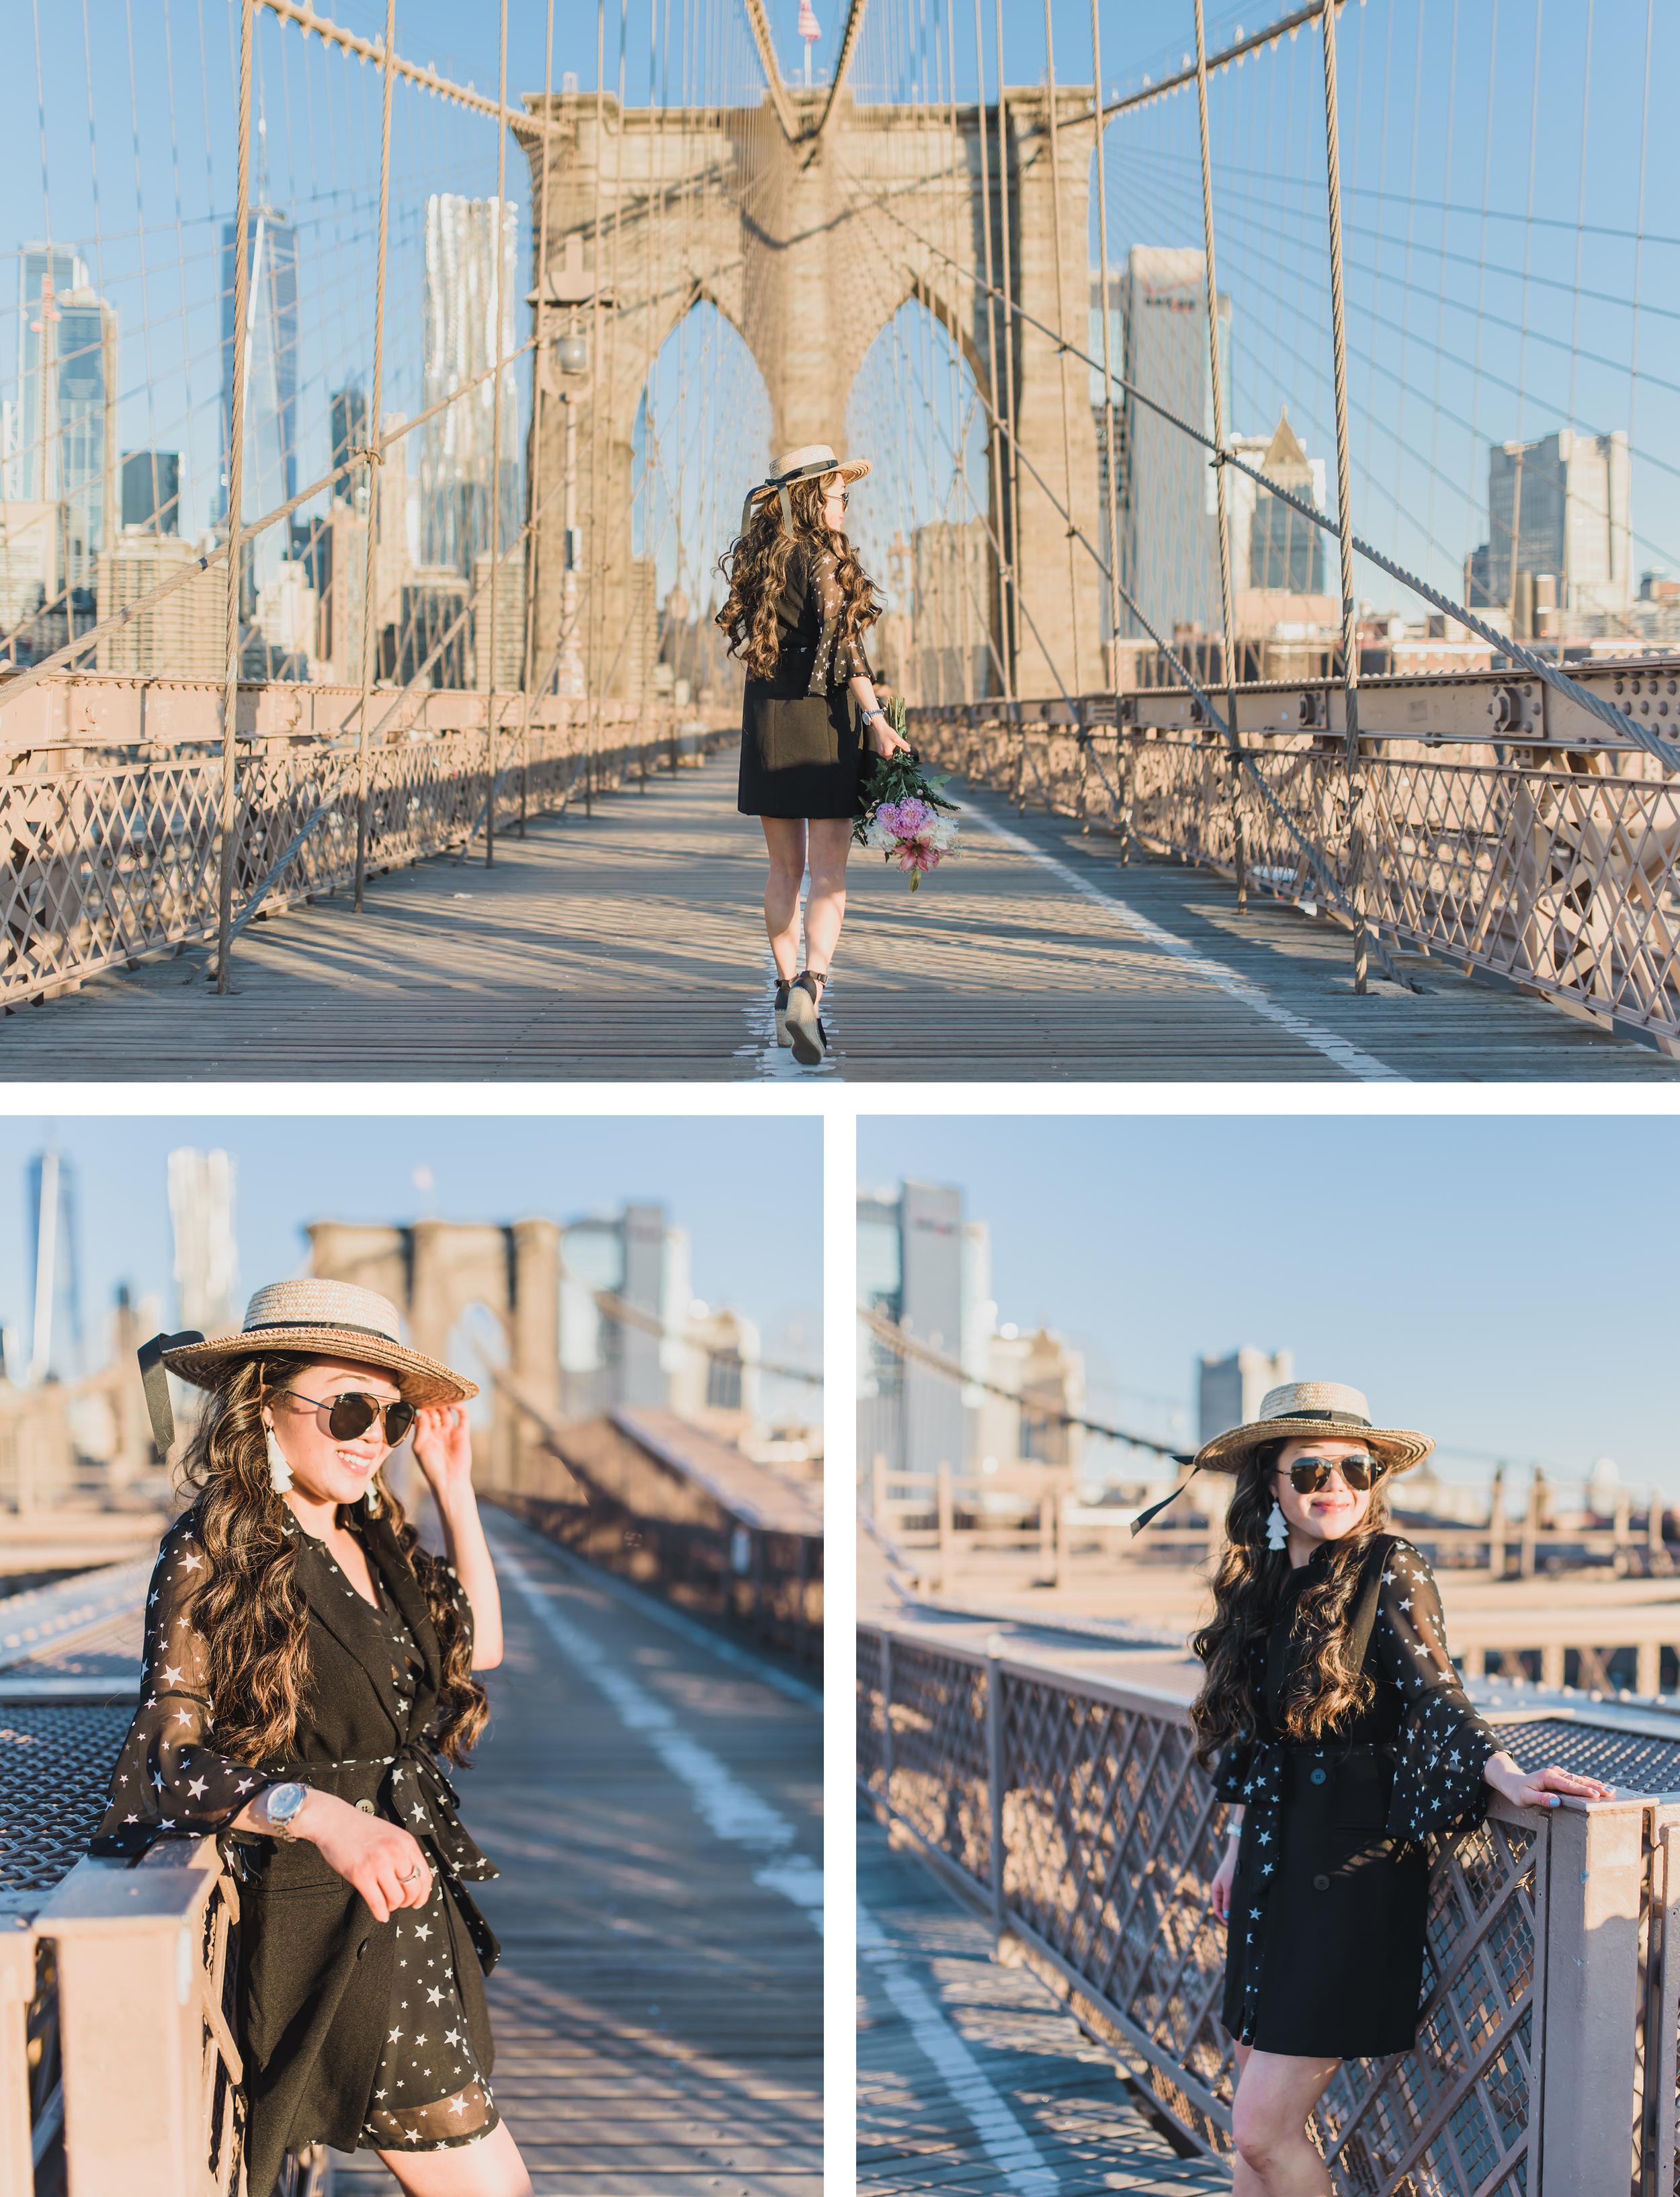 Grace Lee Brooklyn Bridge_Gallery 2.png